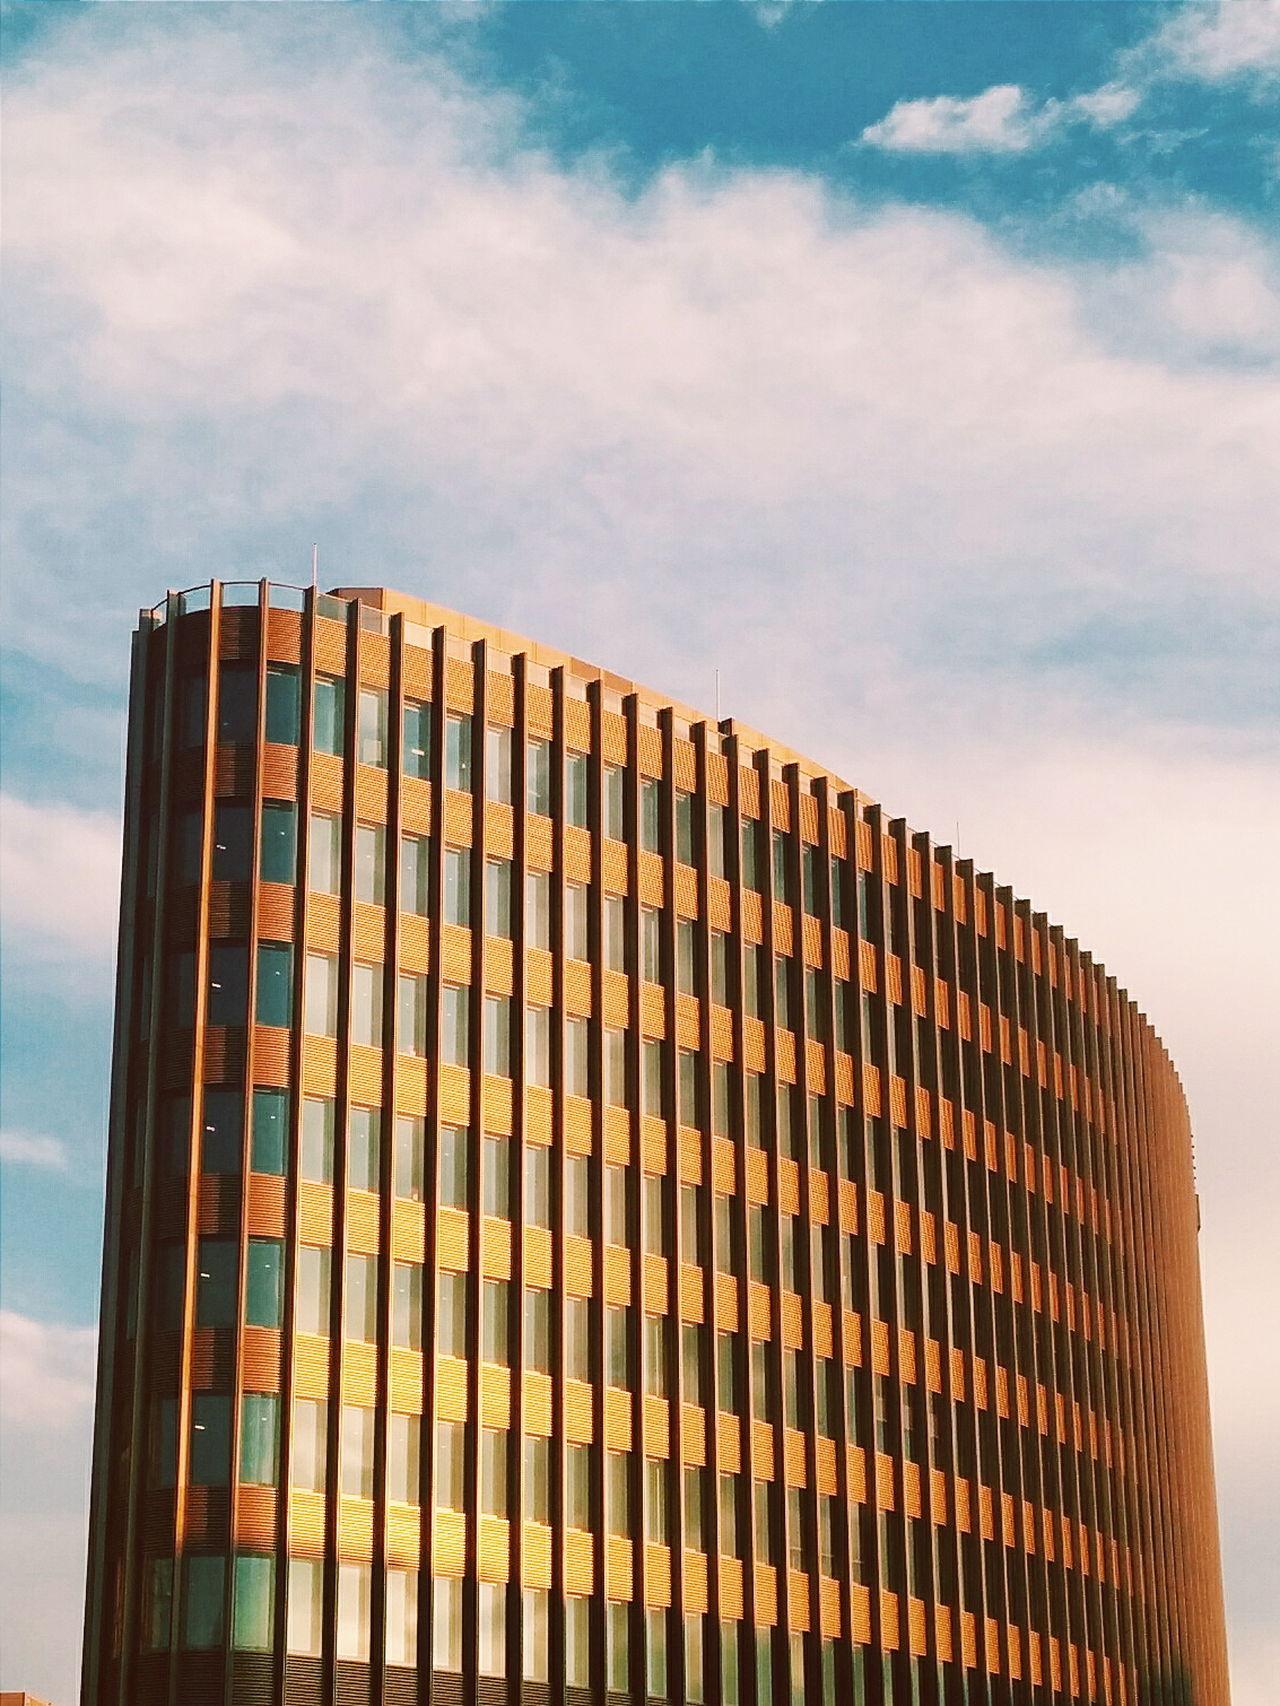 Golden wing. Minimalobsession Golden Hour Berlin Mitte Friedrichstrasse